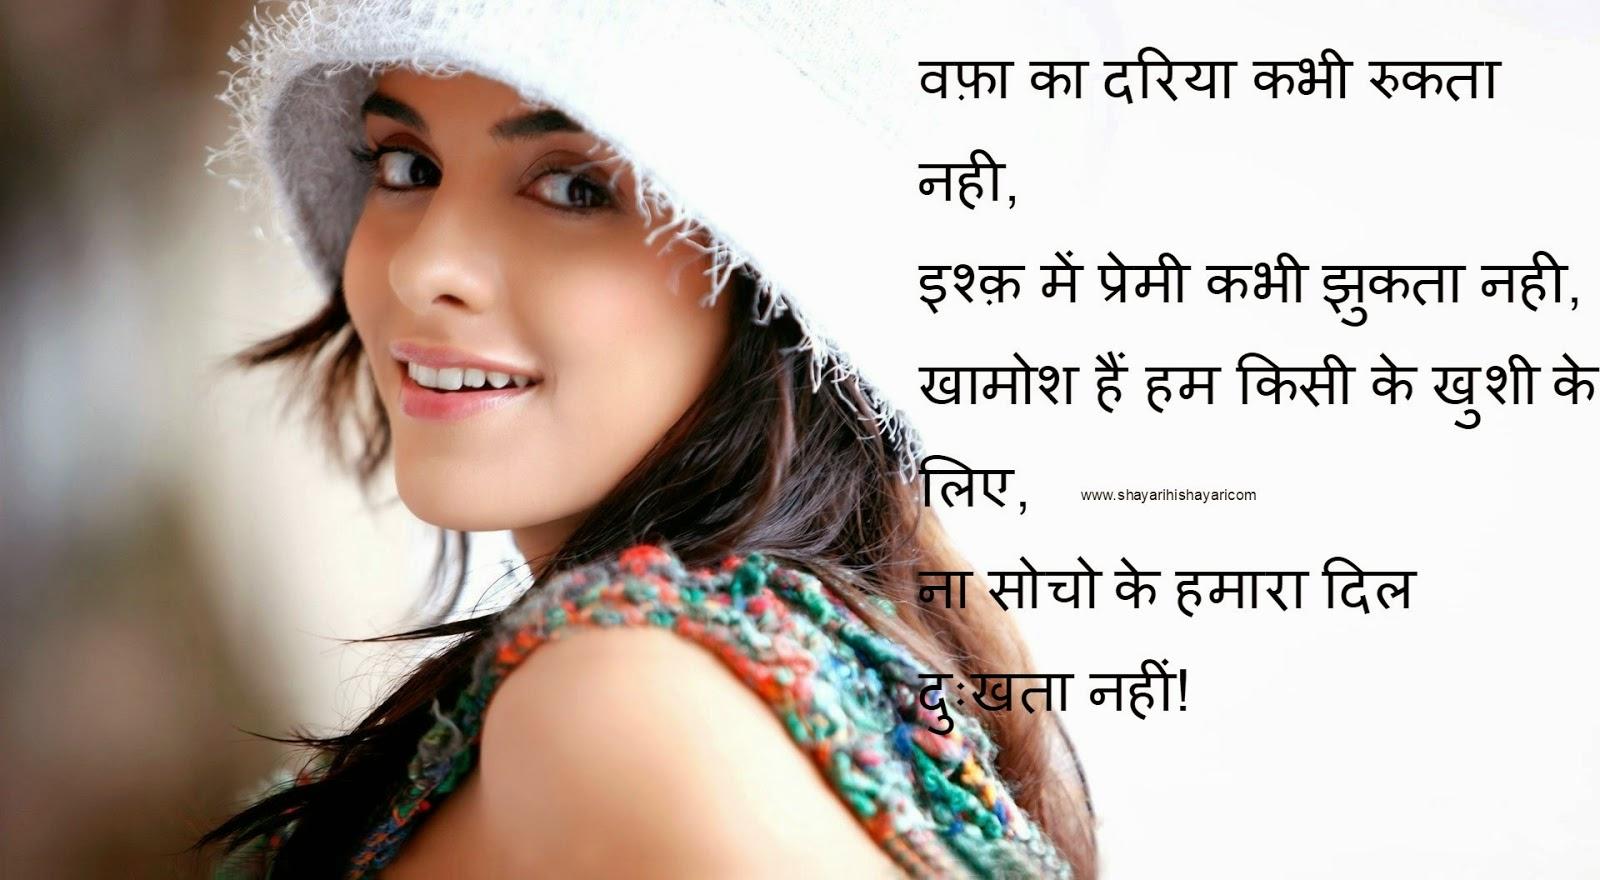 New Dosti Shayari